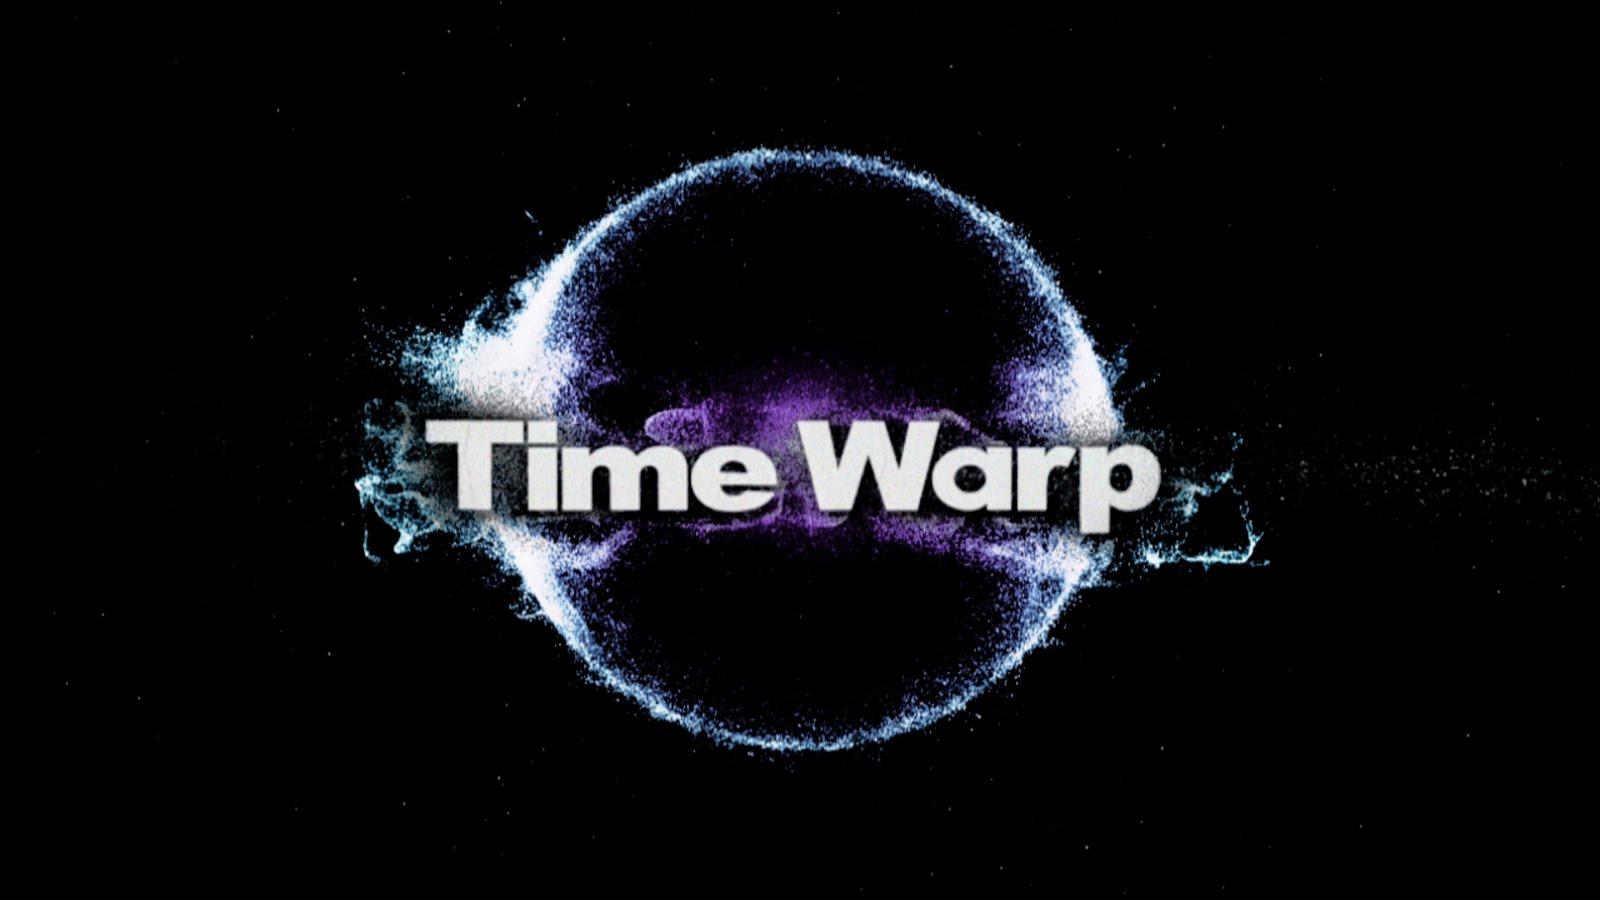 El organizador de la fiesta Time Warp en la mira de la justicia